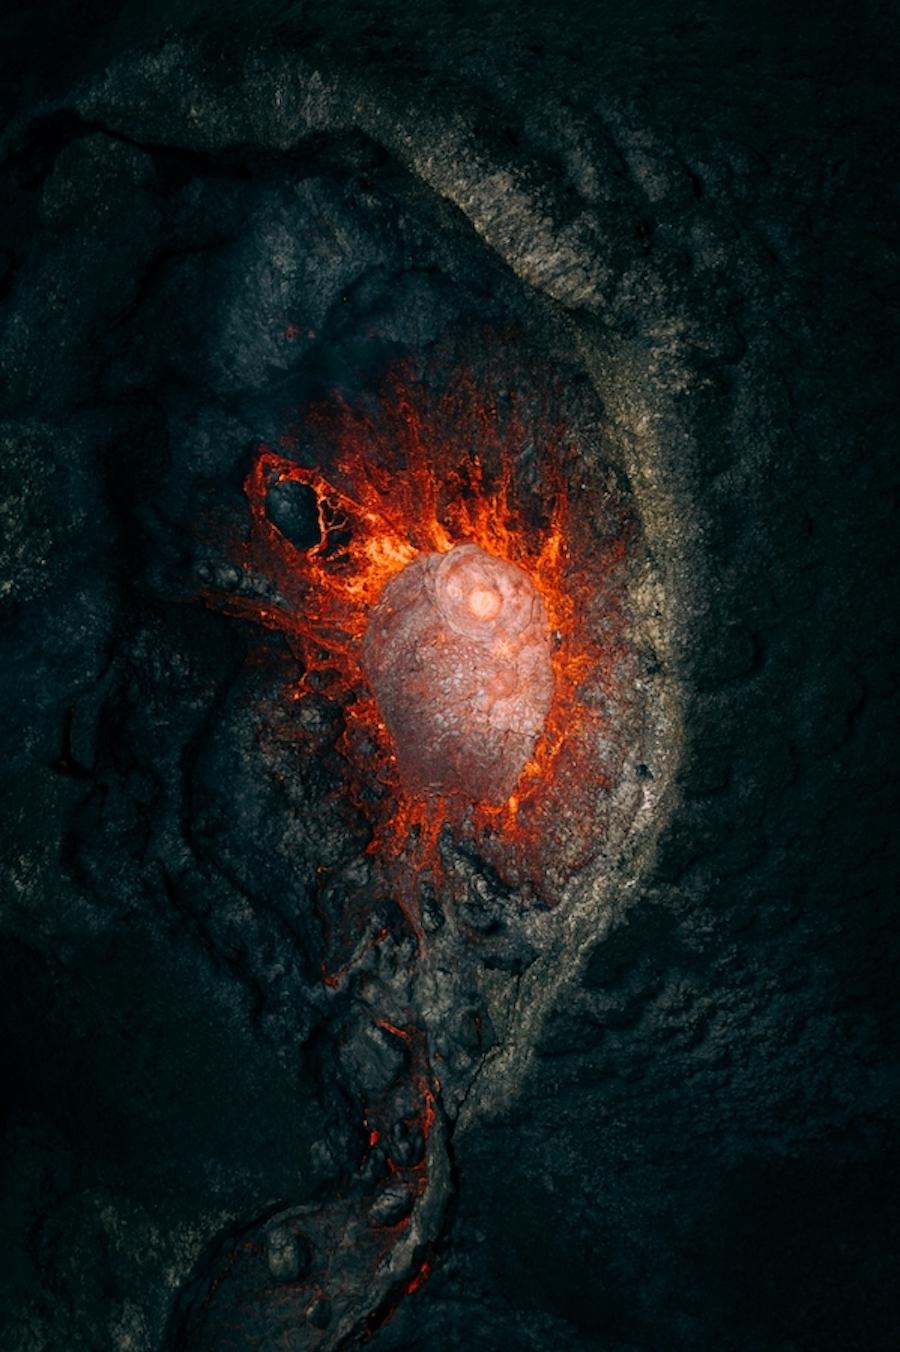 Победитель в номинации «Природа»: «Внегалактическое». Извержение вулкана в Исландии, захваченное изнутри